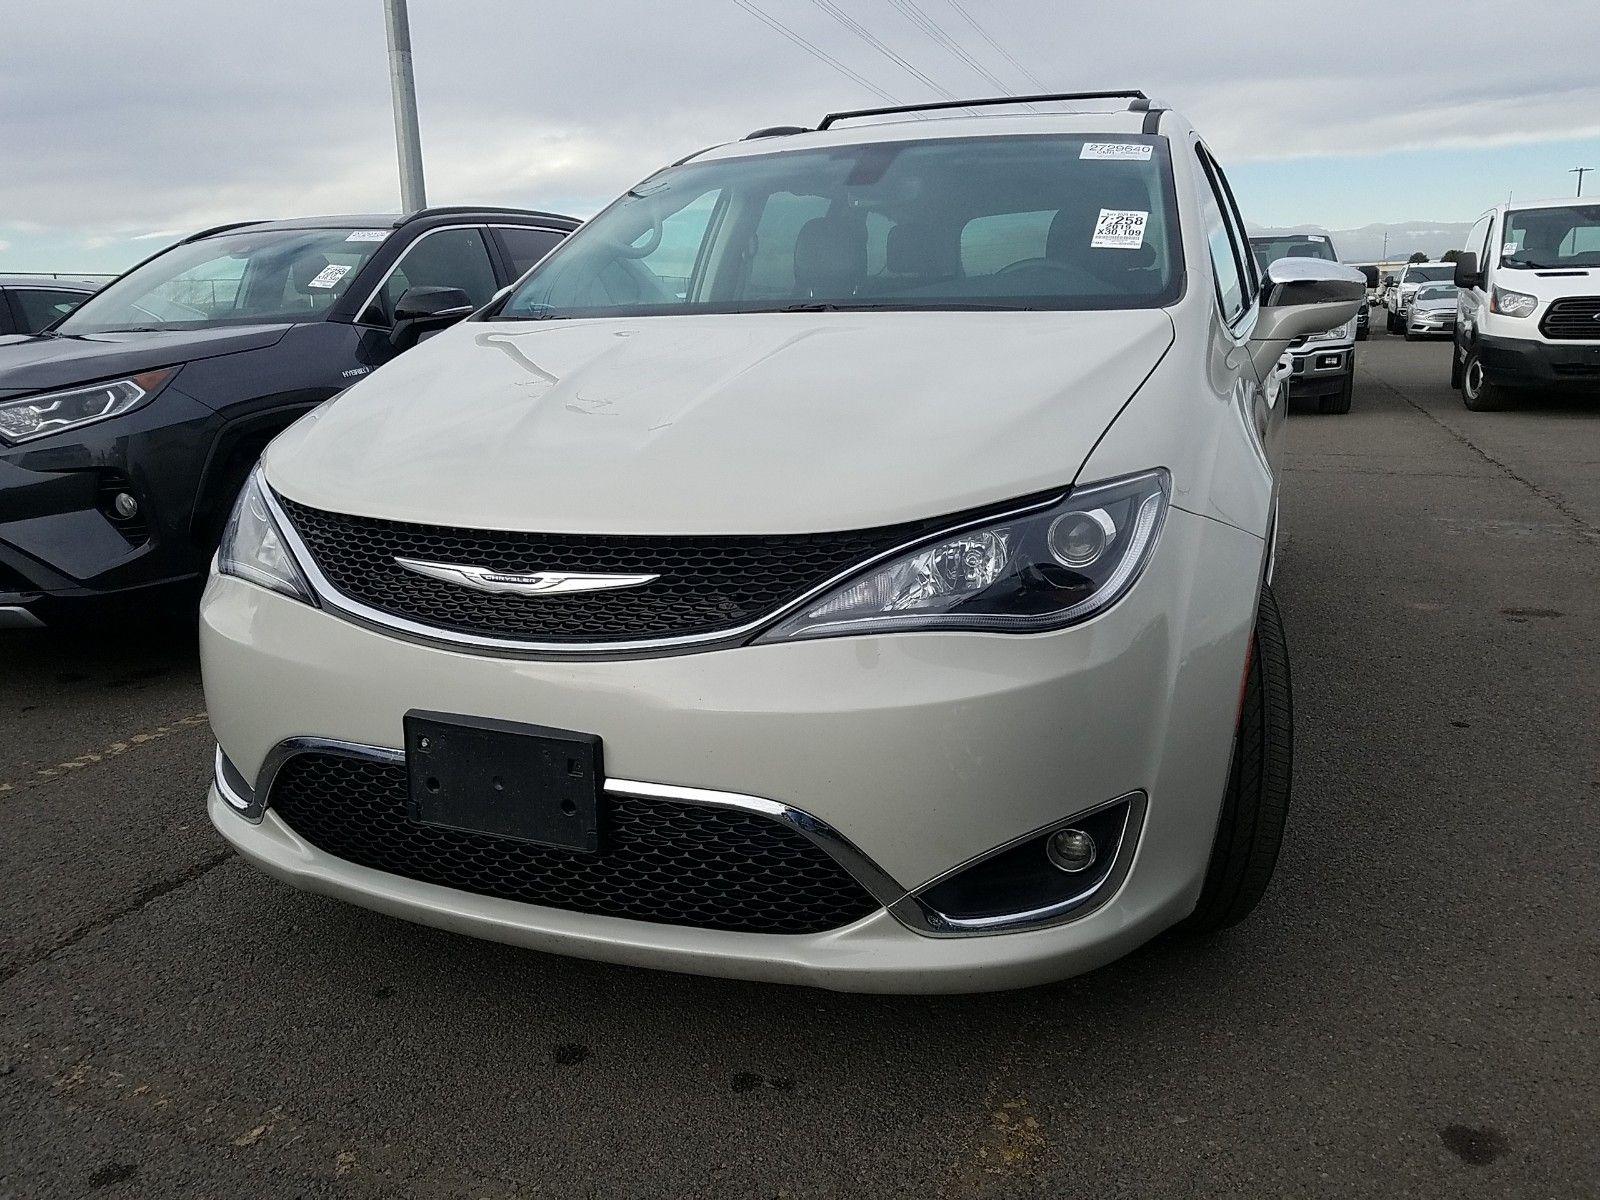 2019 Chrysler Pacifica 3.6. Lot 99913205194 Vin 2C4RC1GG0KR702108